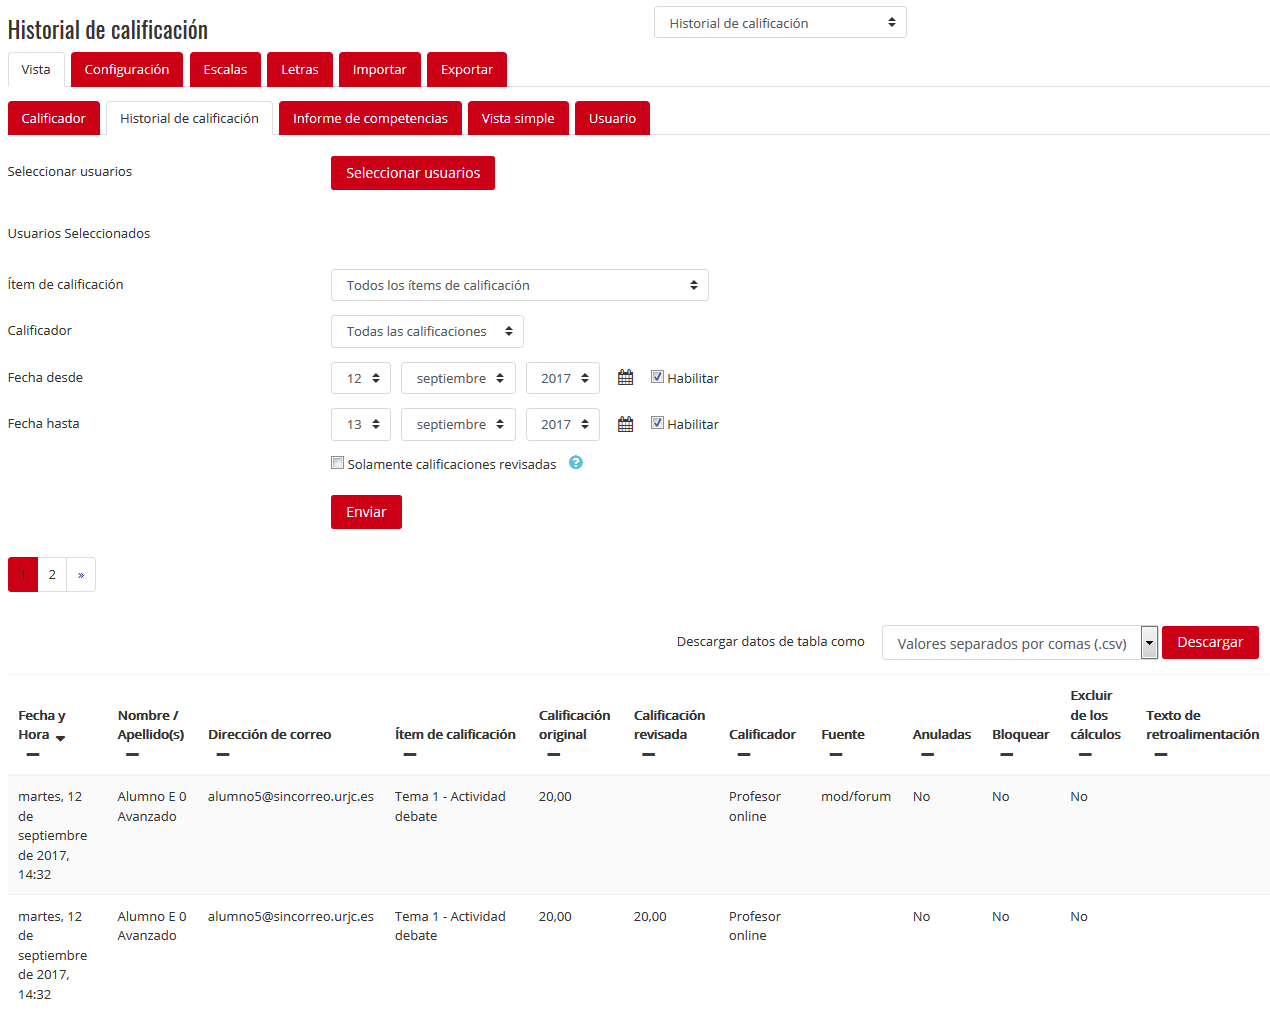 Tabla de calificaciones – Vista – Descarga historial de calificación